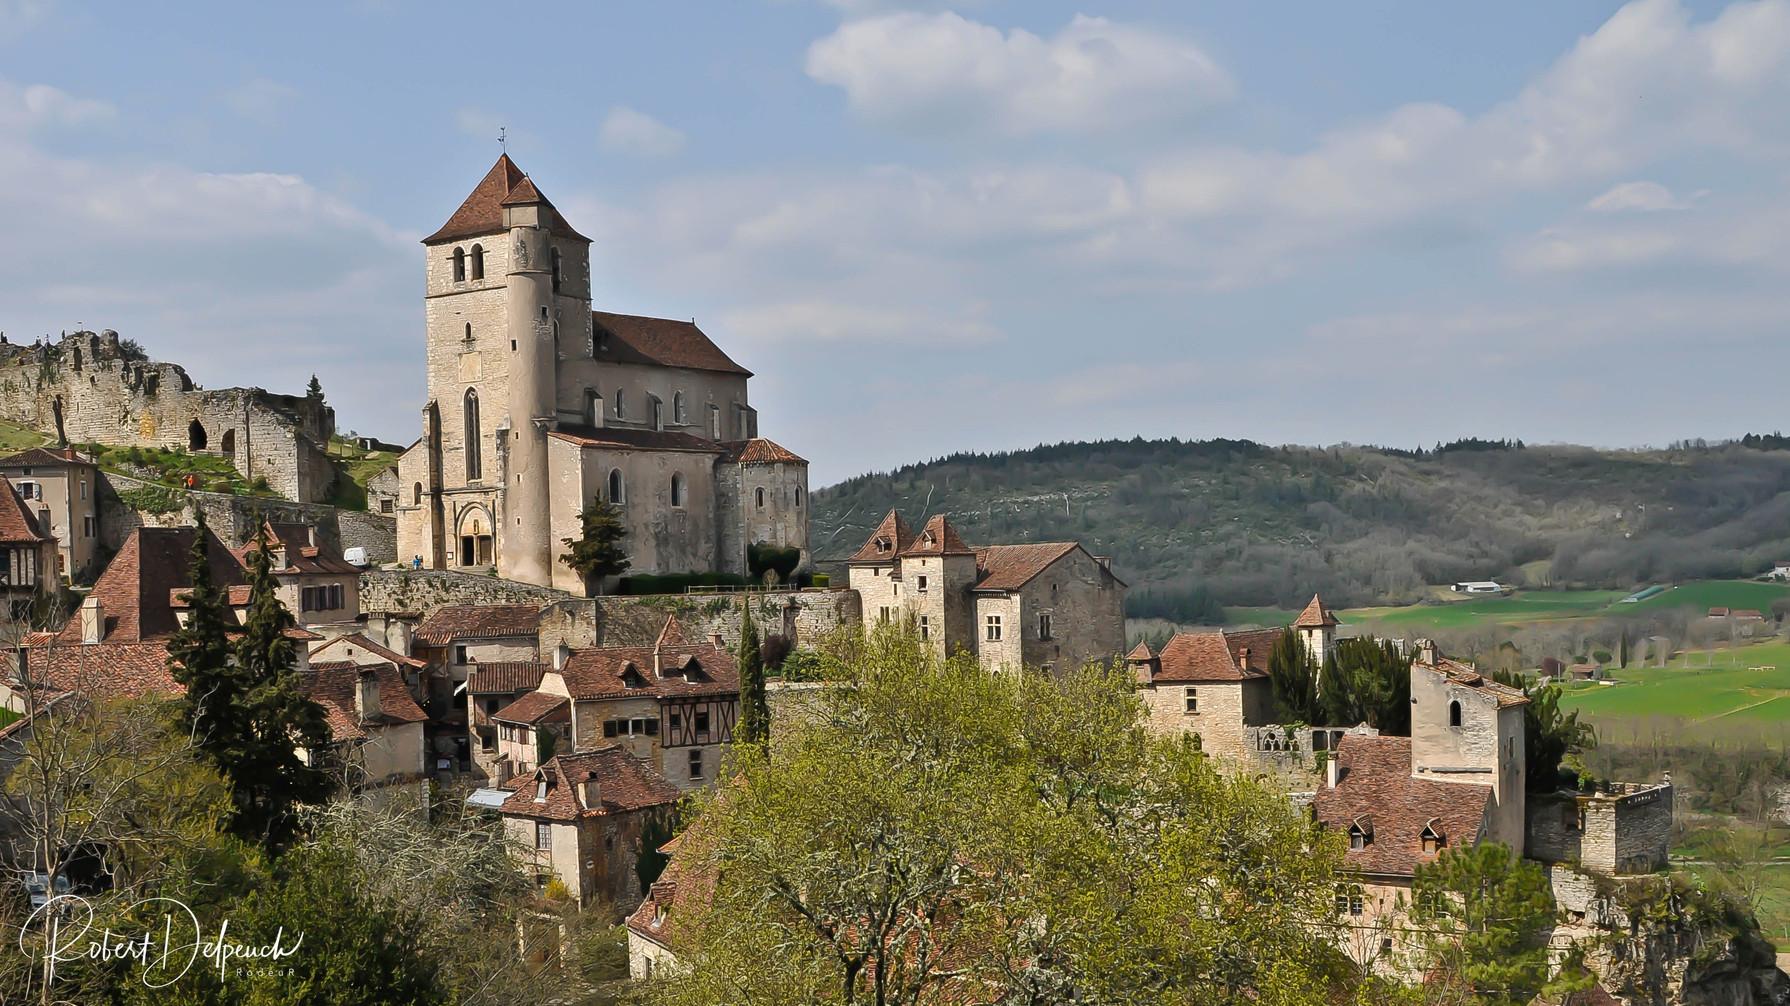 Saint-Cirq-la-Popie